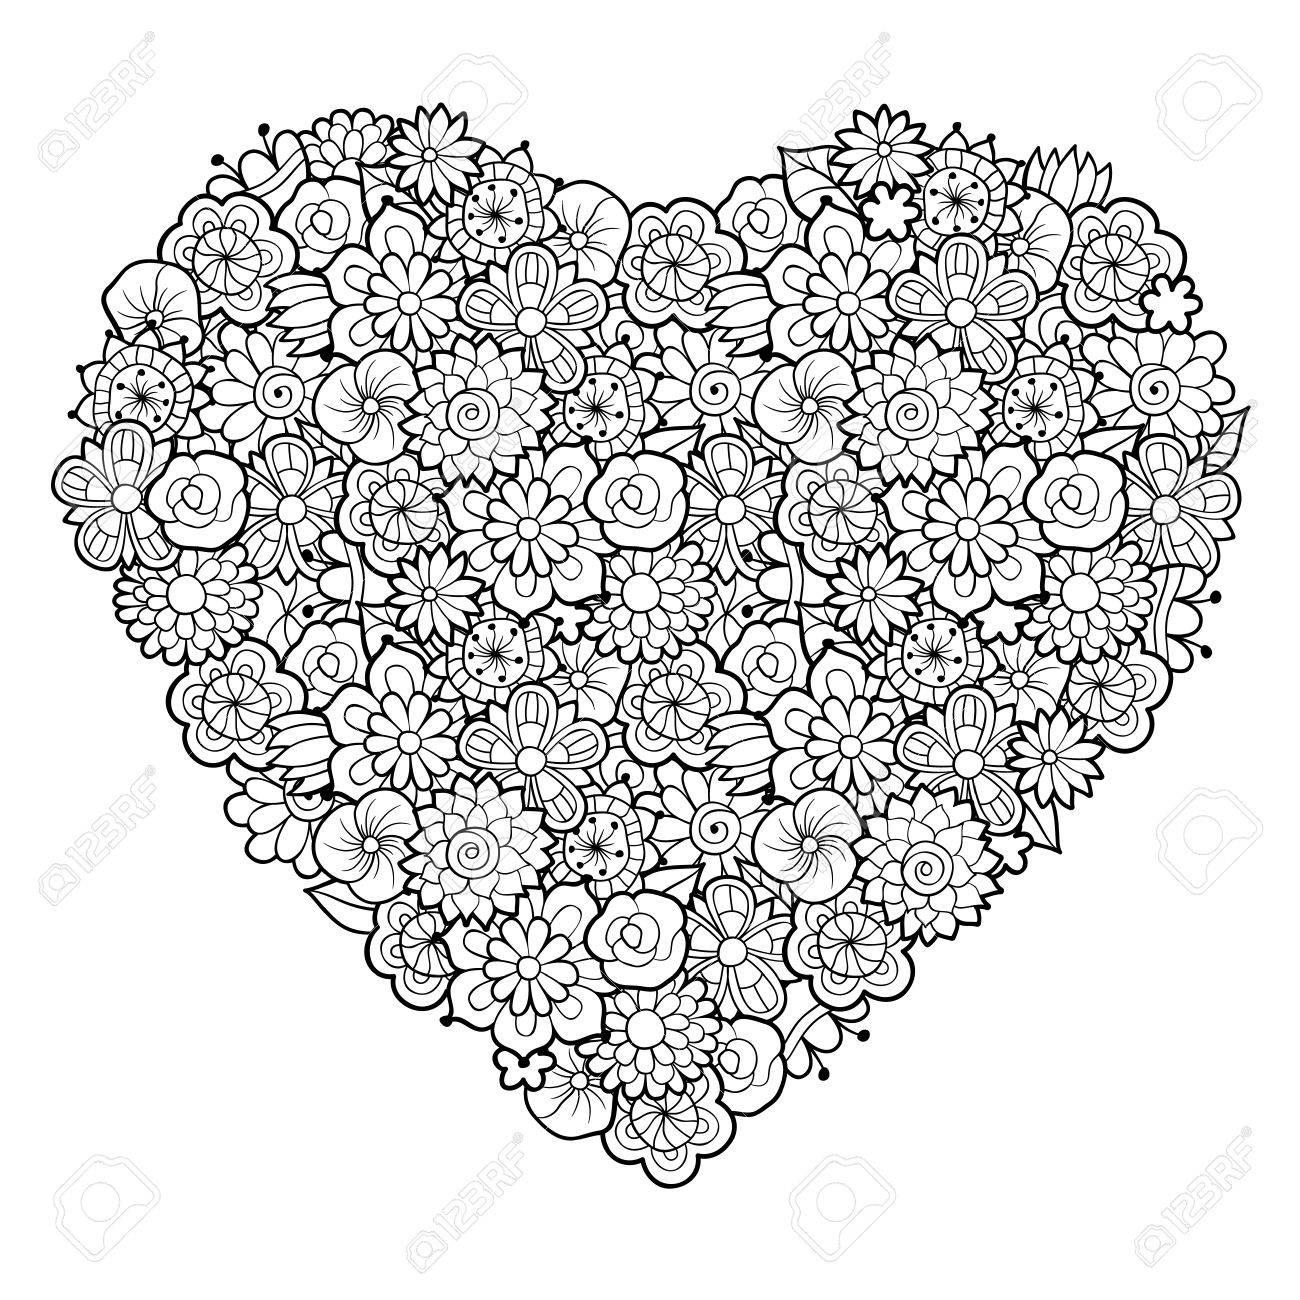 Grosses Dekoratives Herz Mit Blumenverzierung Schwarz Weiss Vektor